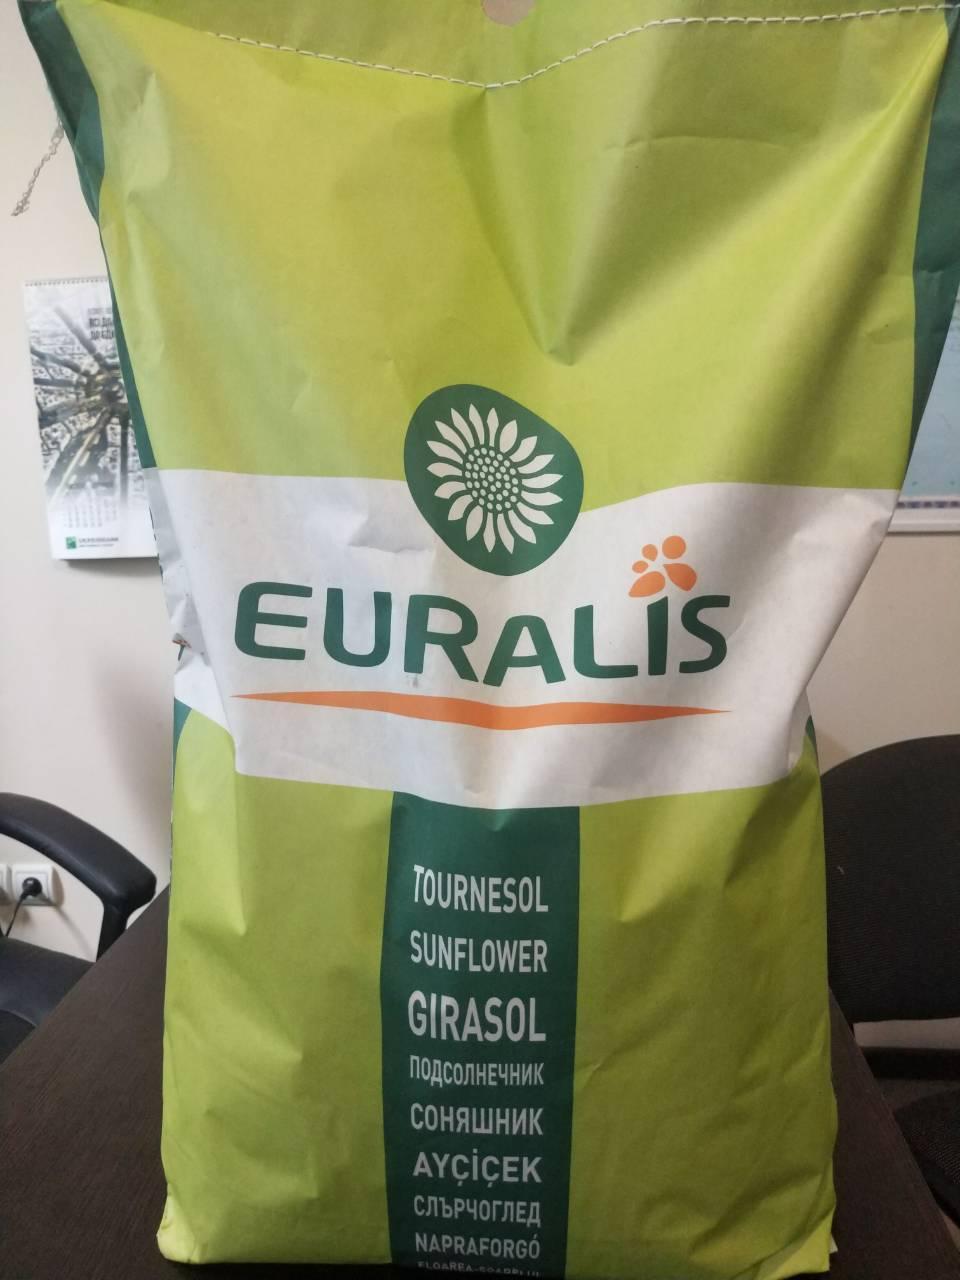 Euralis Евралис ЕС Лорис СЛП Евро-лайтнинг